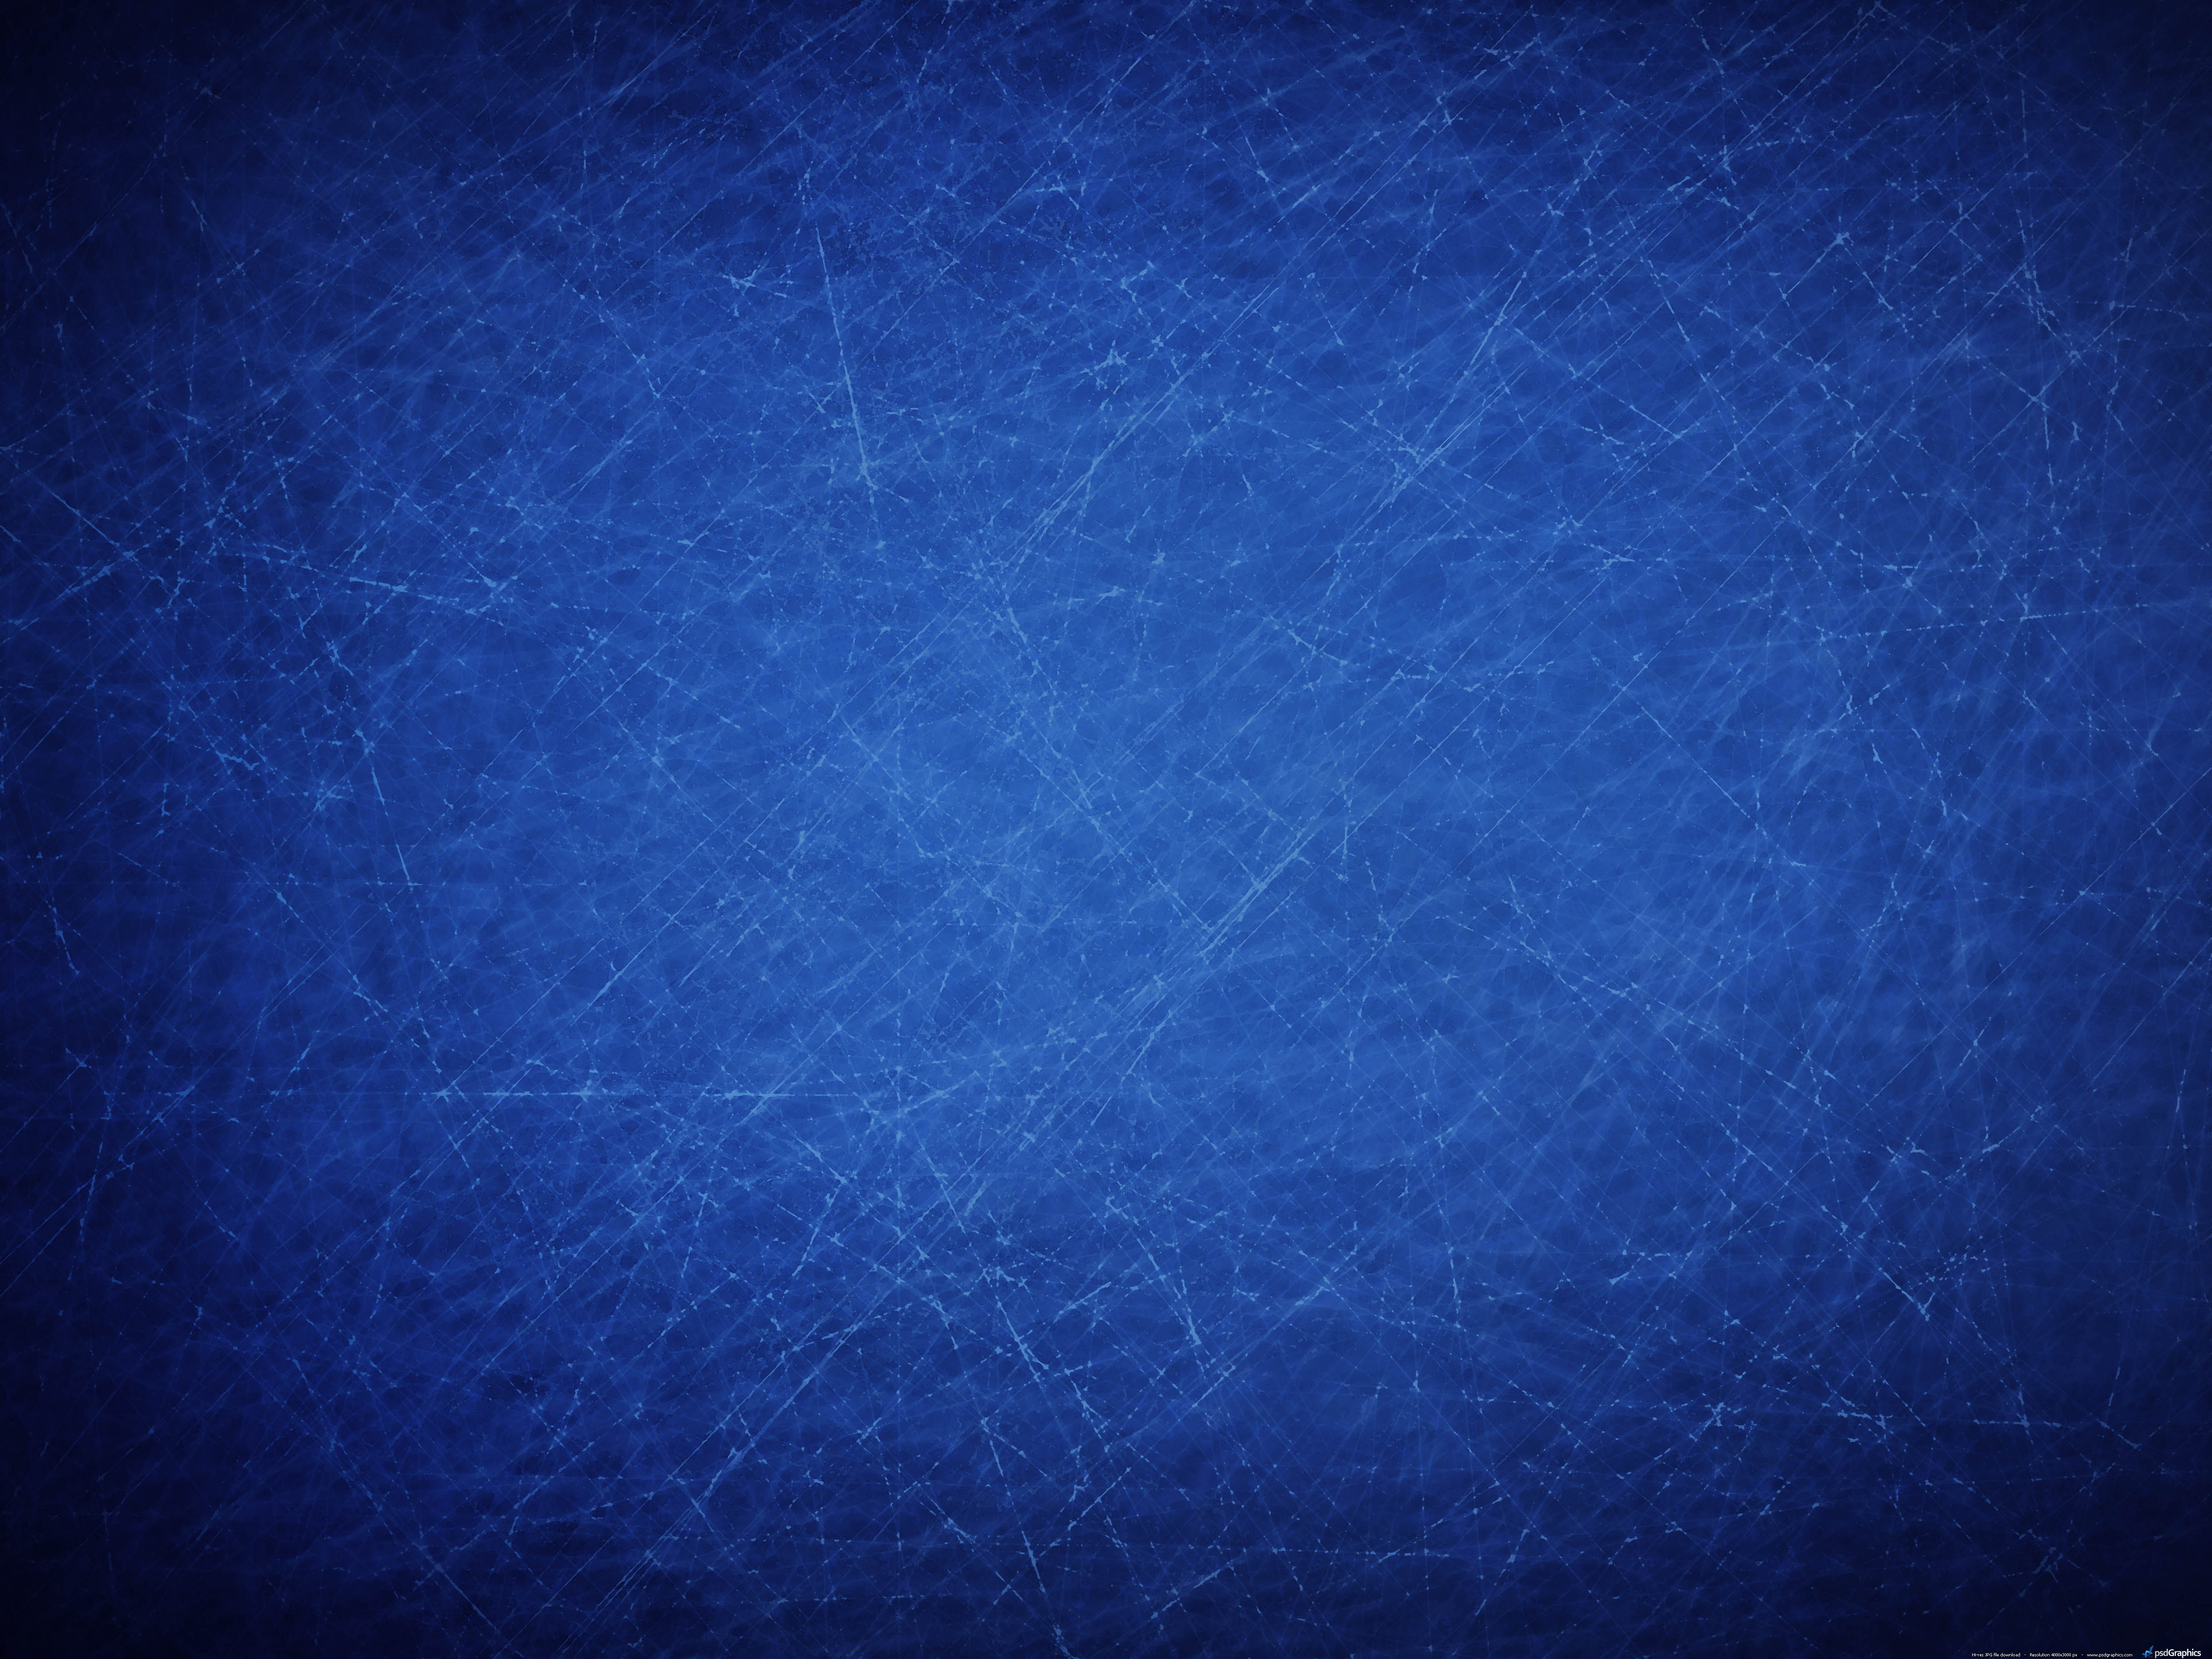 44 Metallic Blue Wallpaper On Wallpapersafari